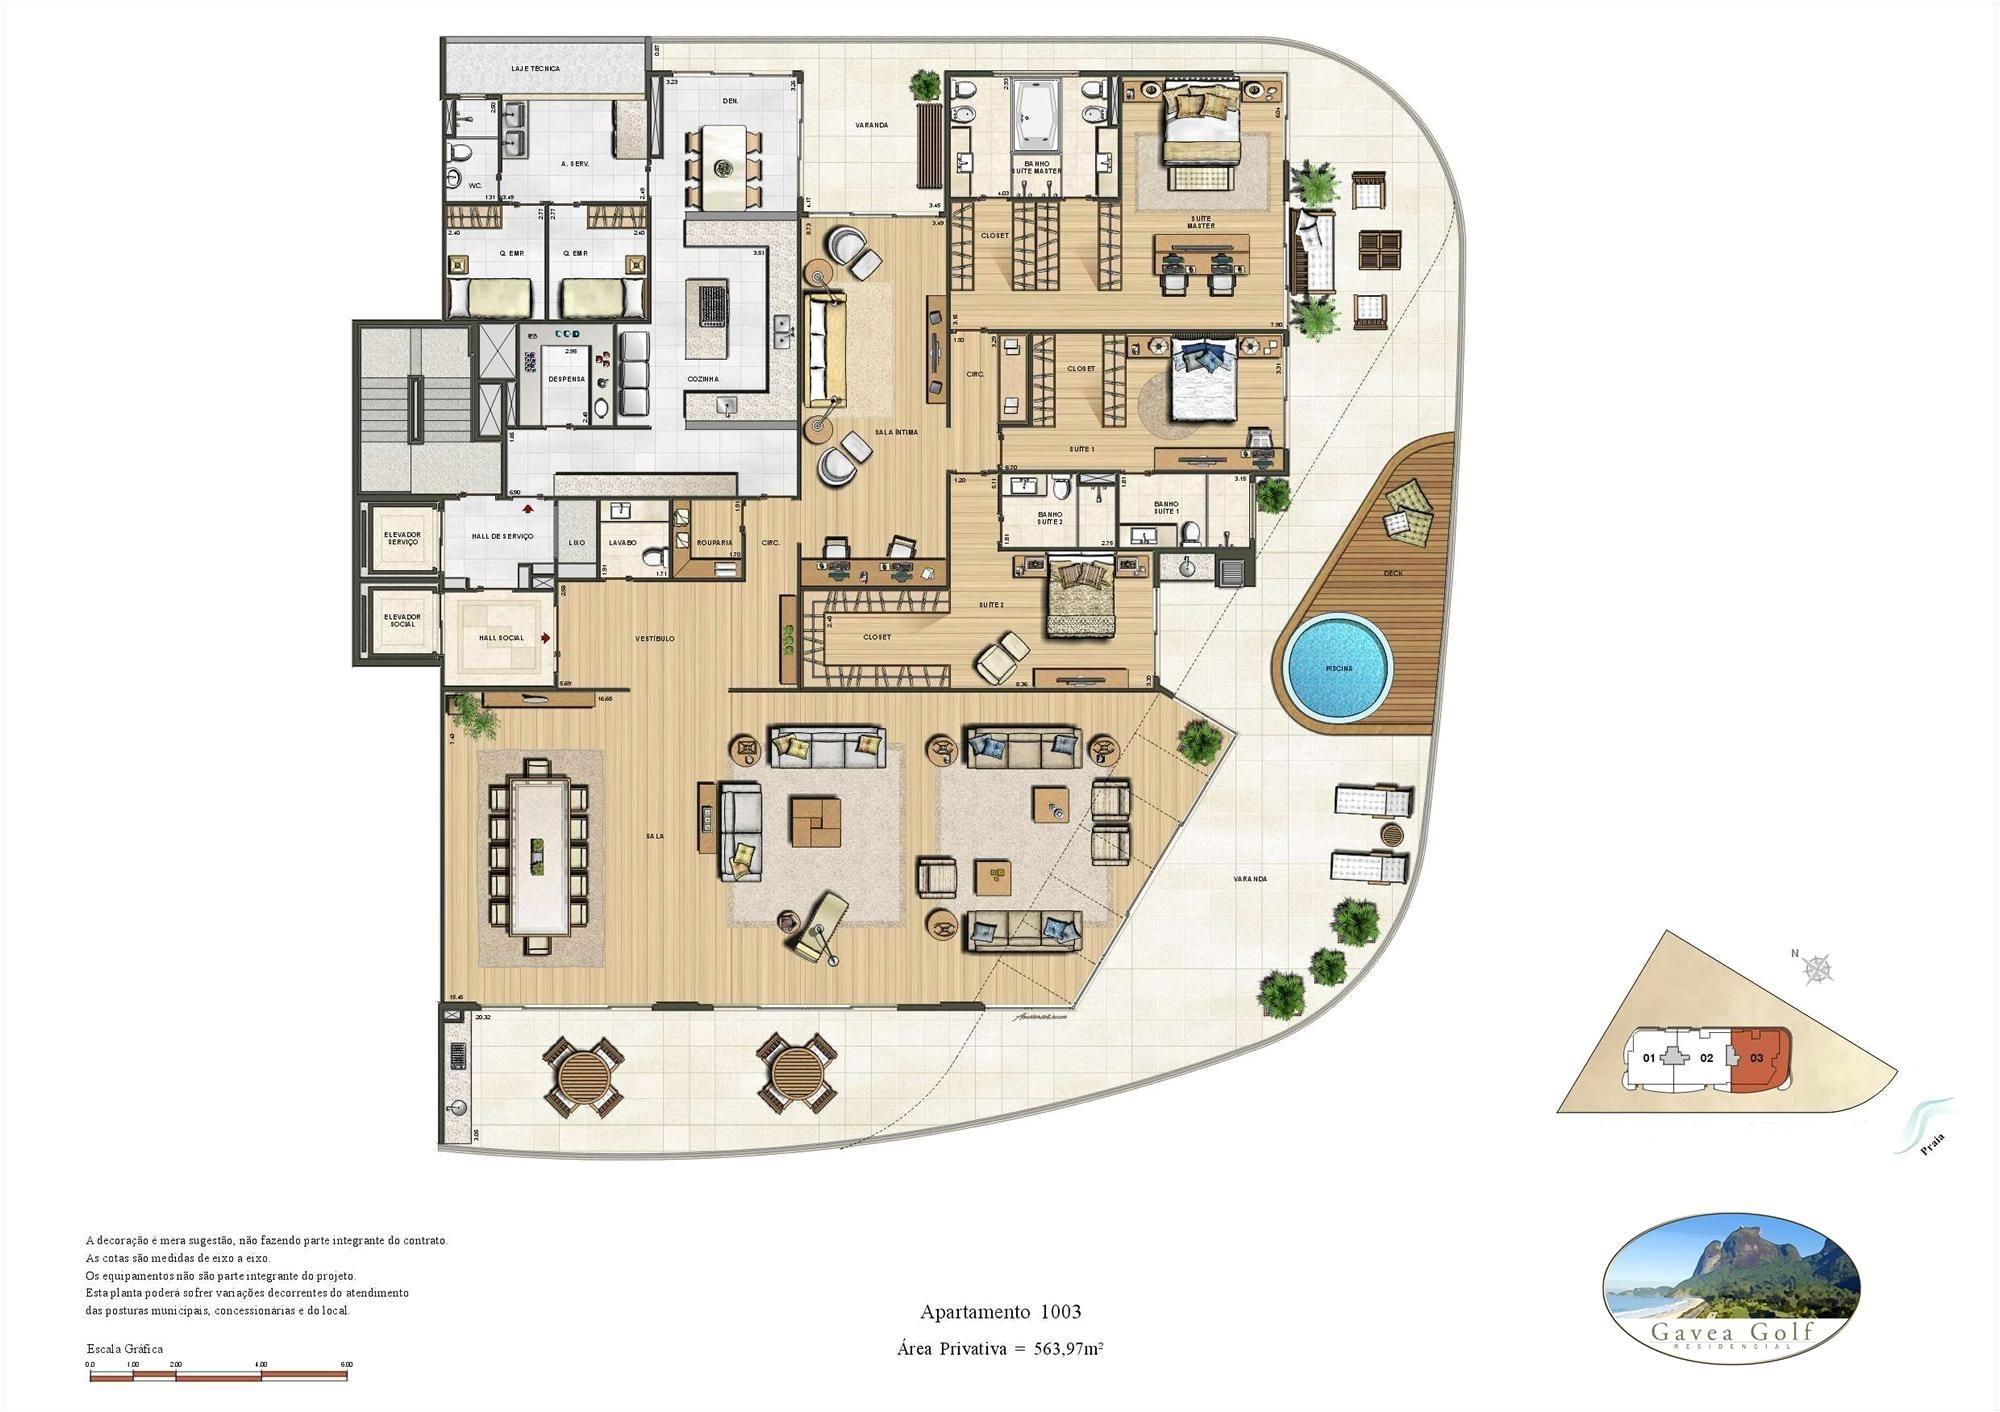 gavea green residencial penthouse 563ma sa o conrado rio de janeiro brascan